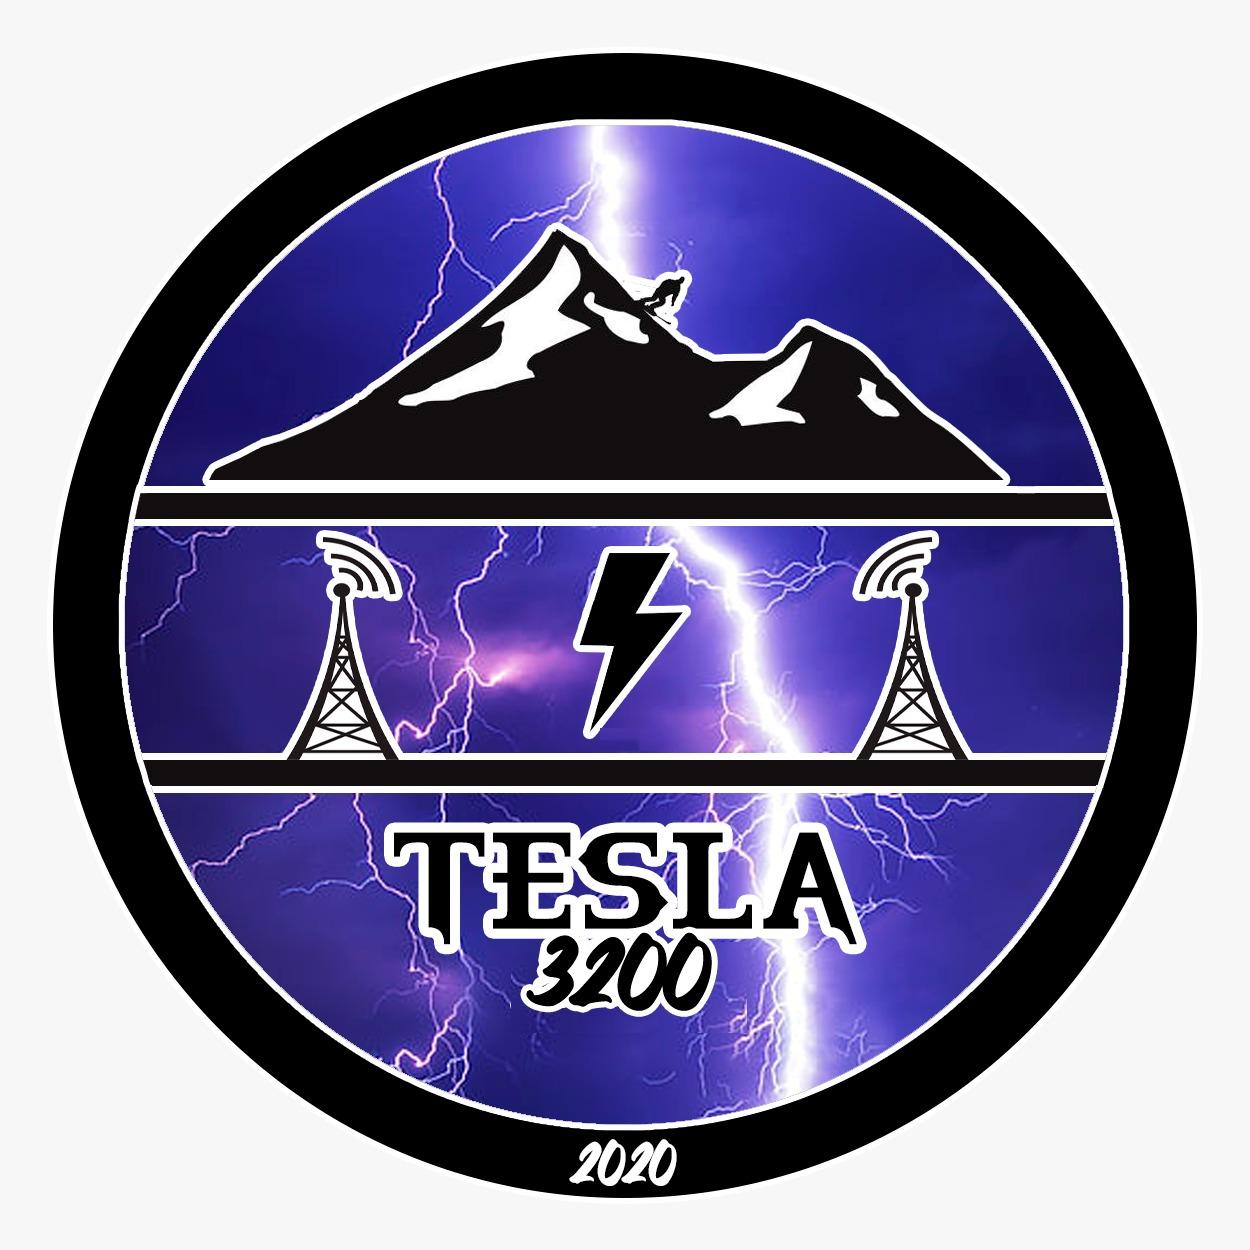 Tesla 3200